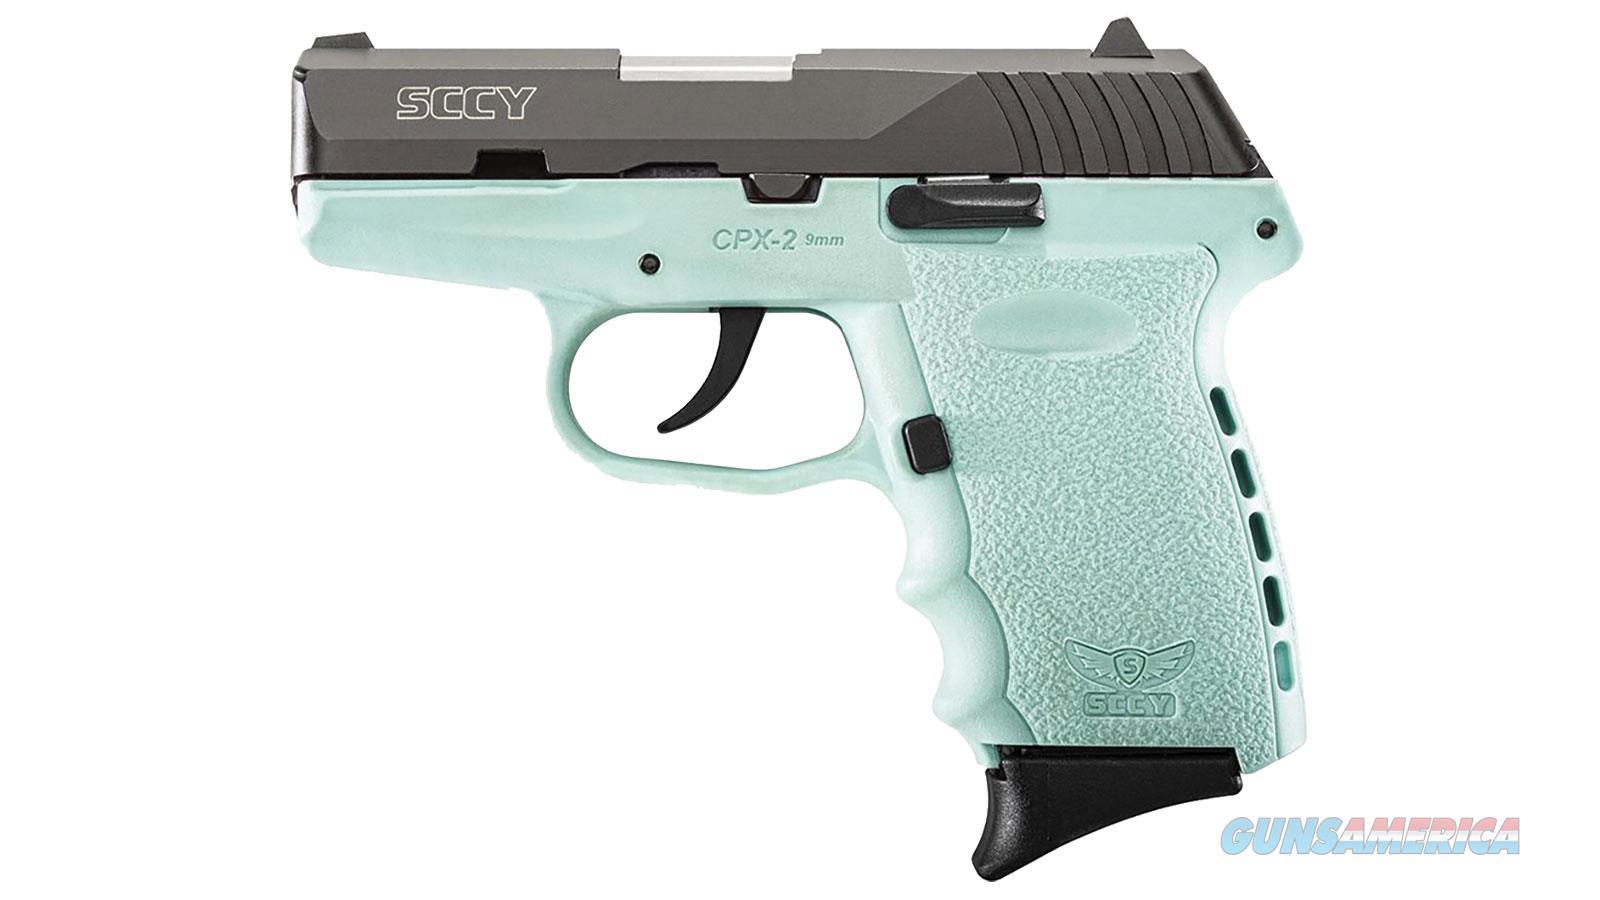 SCCY 9MM Pistol Blue Sky Frame  Guns > Pistols > SCCY Pistols > CPX2